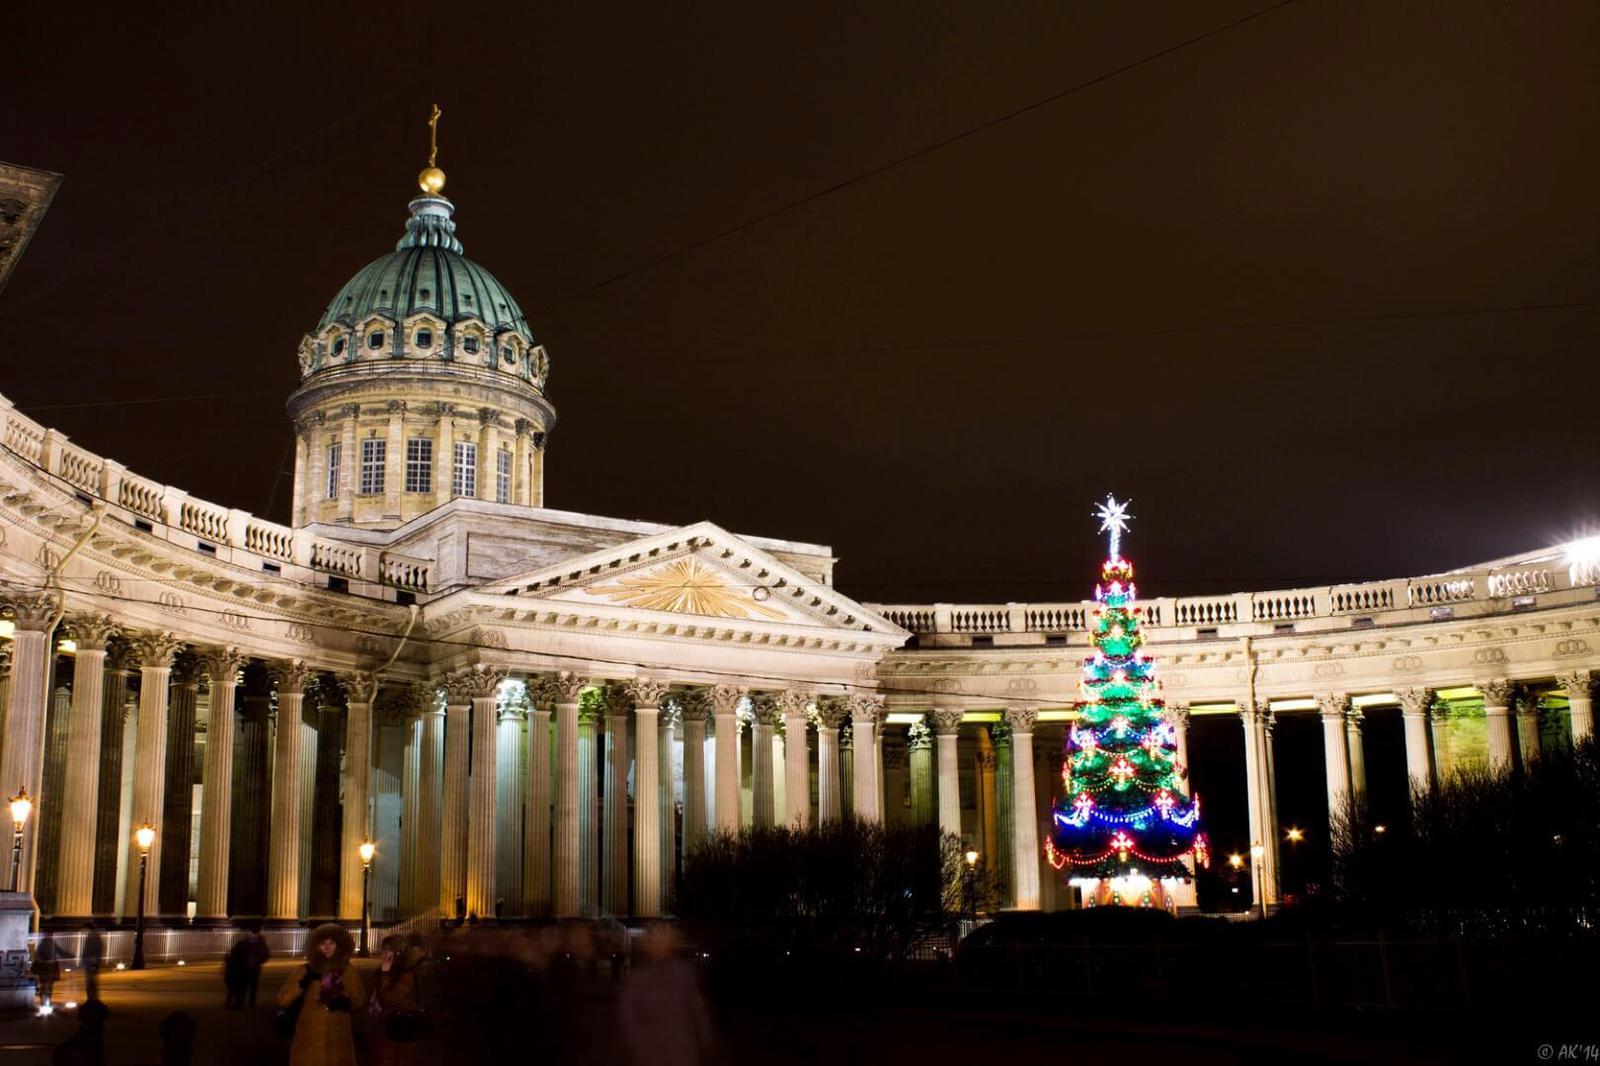 tradiciones navideñas en europa San Petersburgo